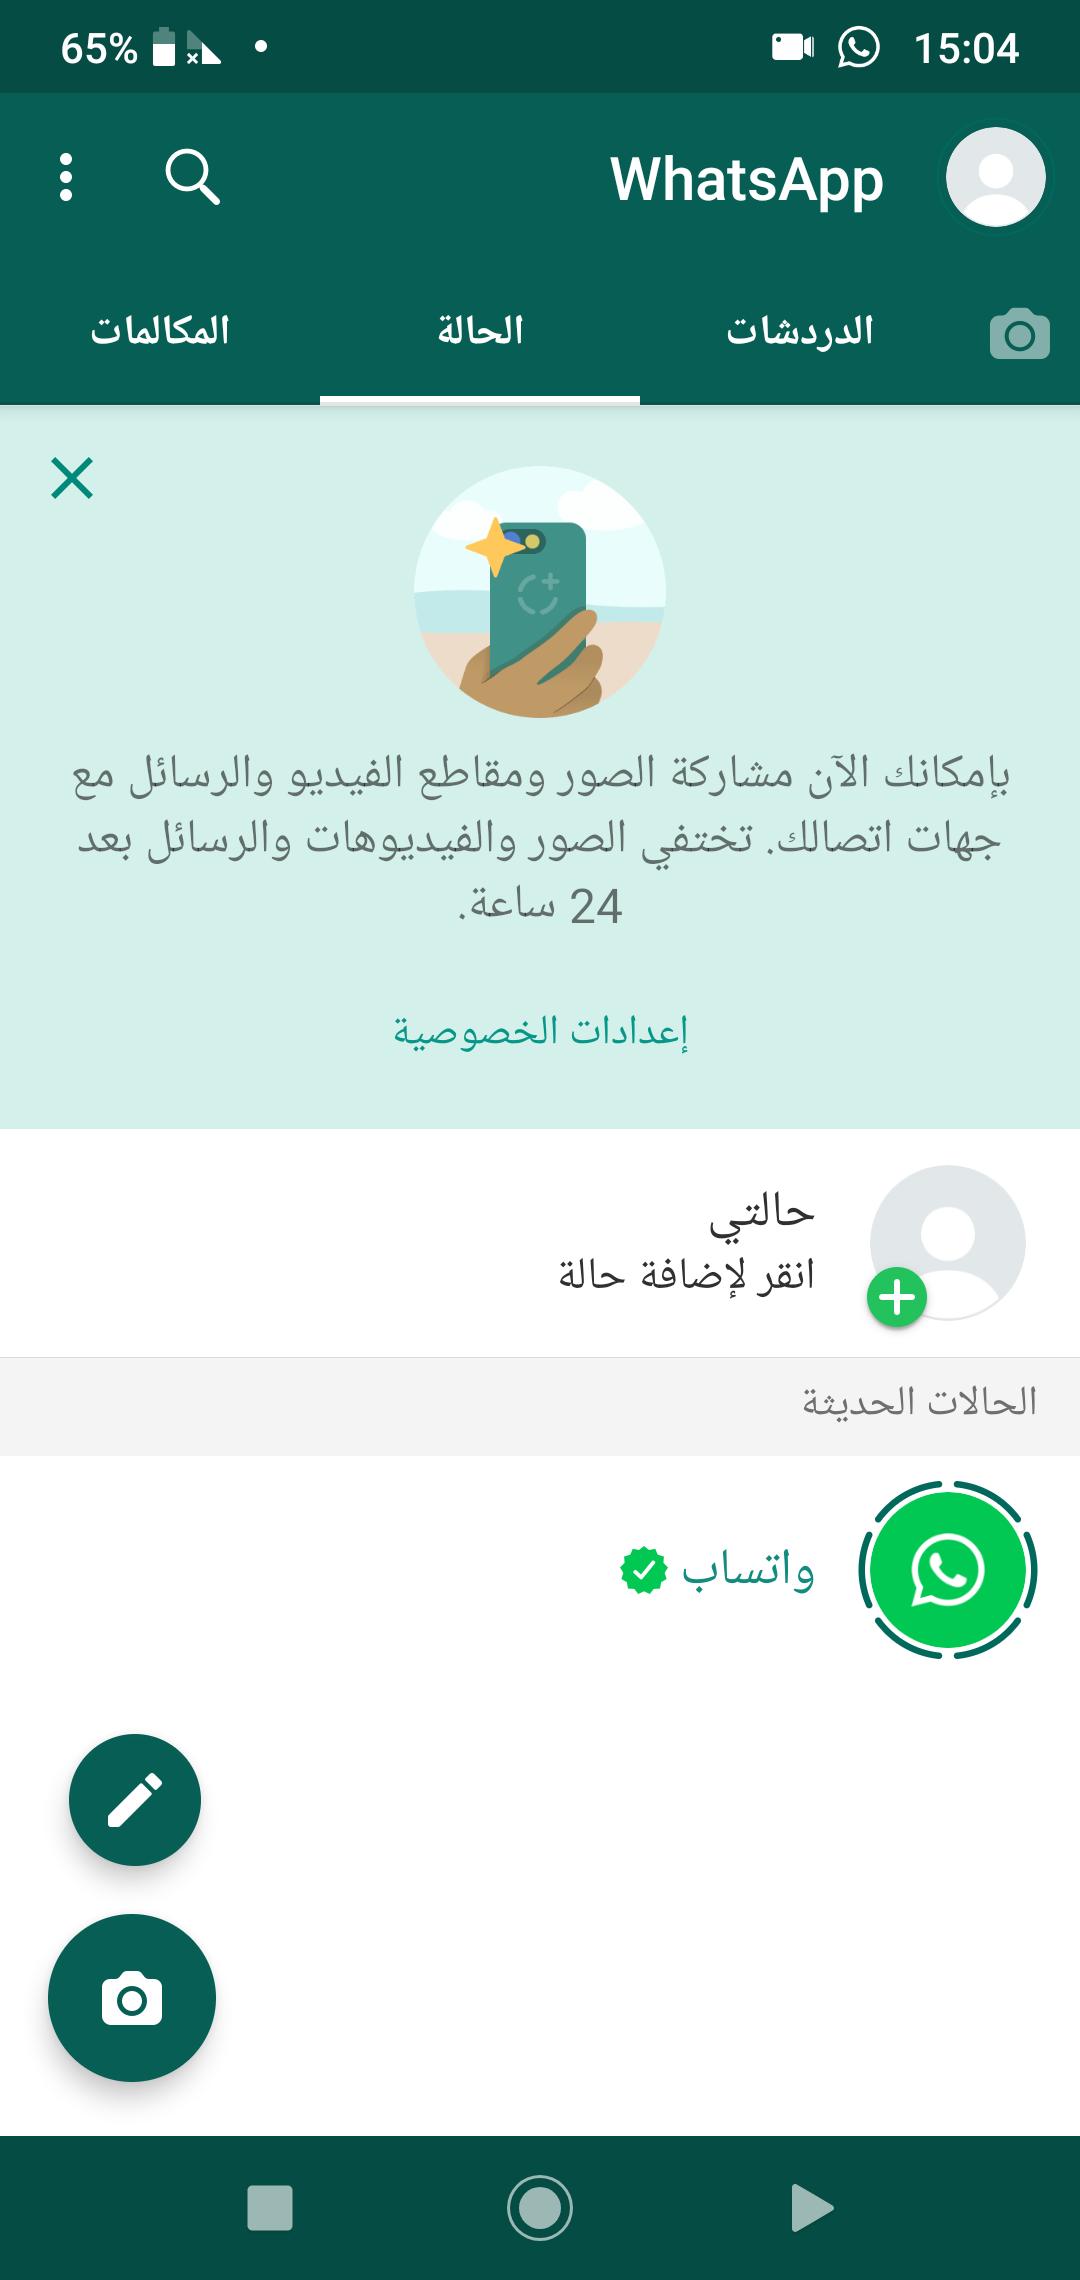 واتساب الذهبي Whatsapp Gold - صورة للبرنامج #8